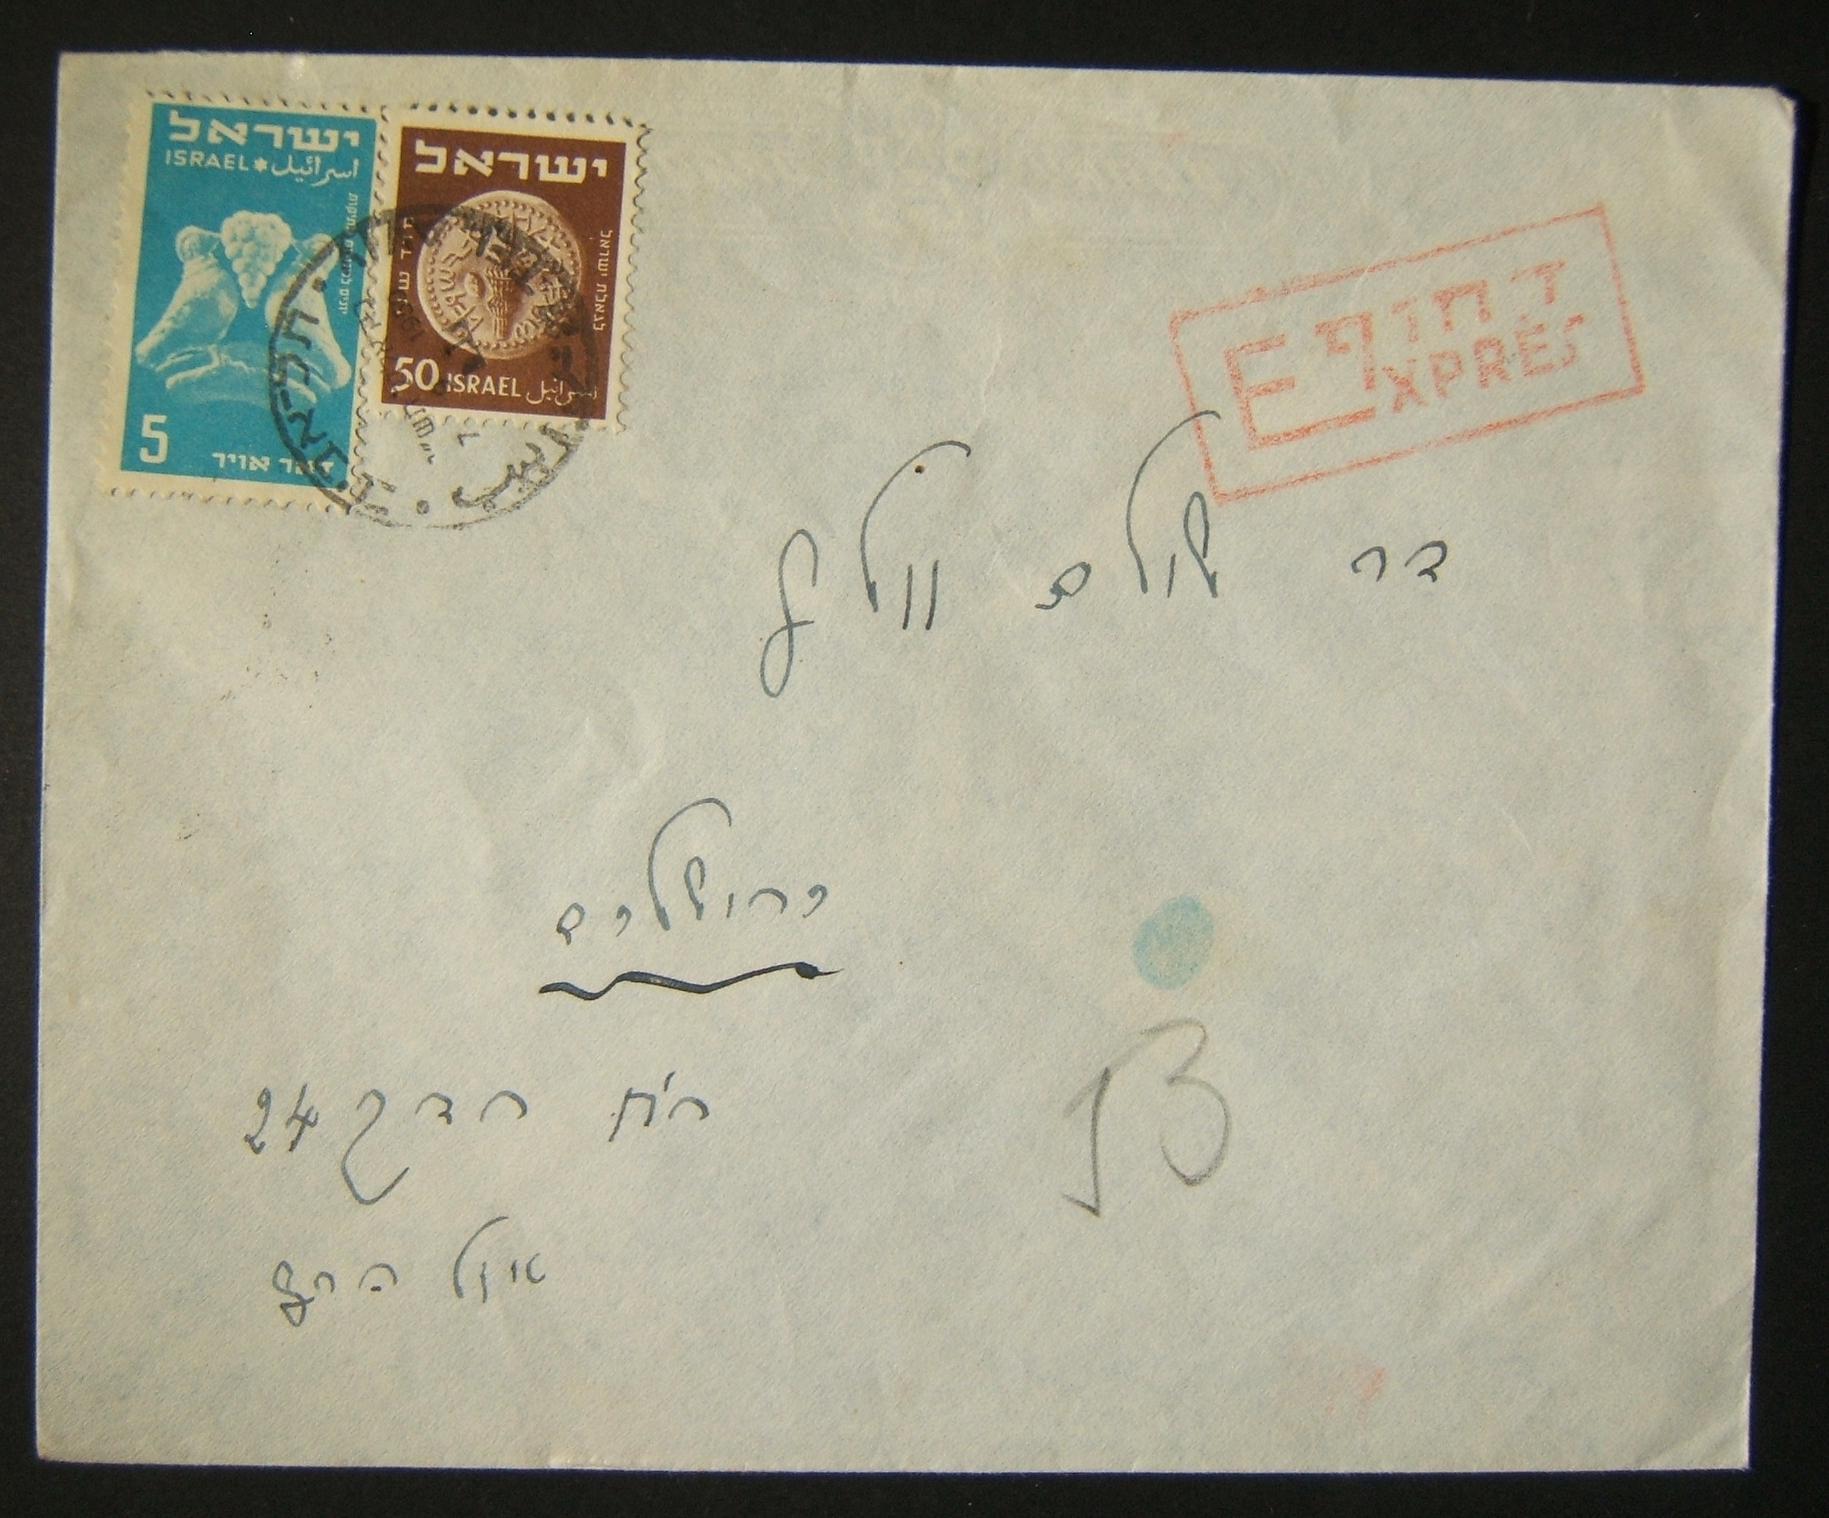 79-95050 תל אביב לדואר אקספרס בירושלים עם אימייל ראשון ושני מטבעות